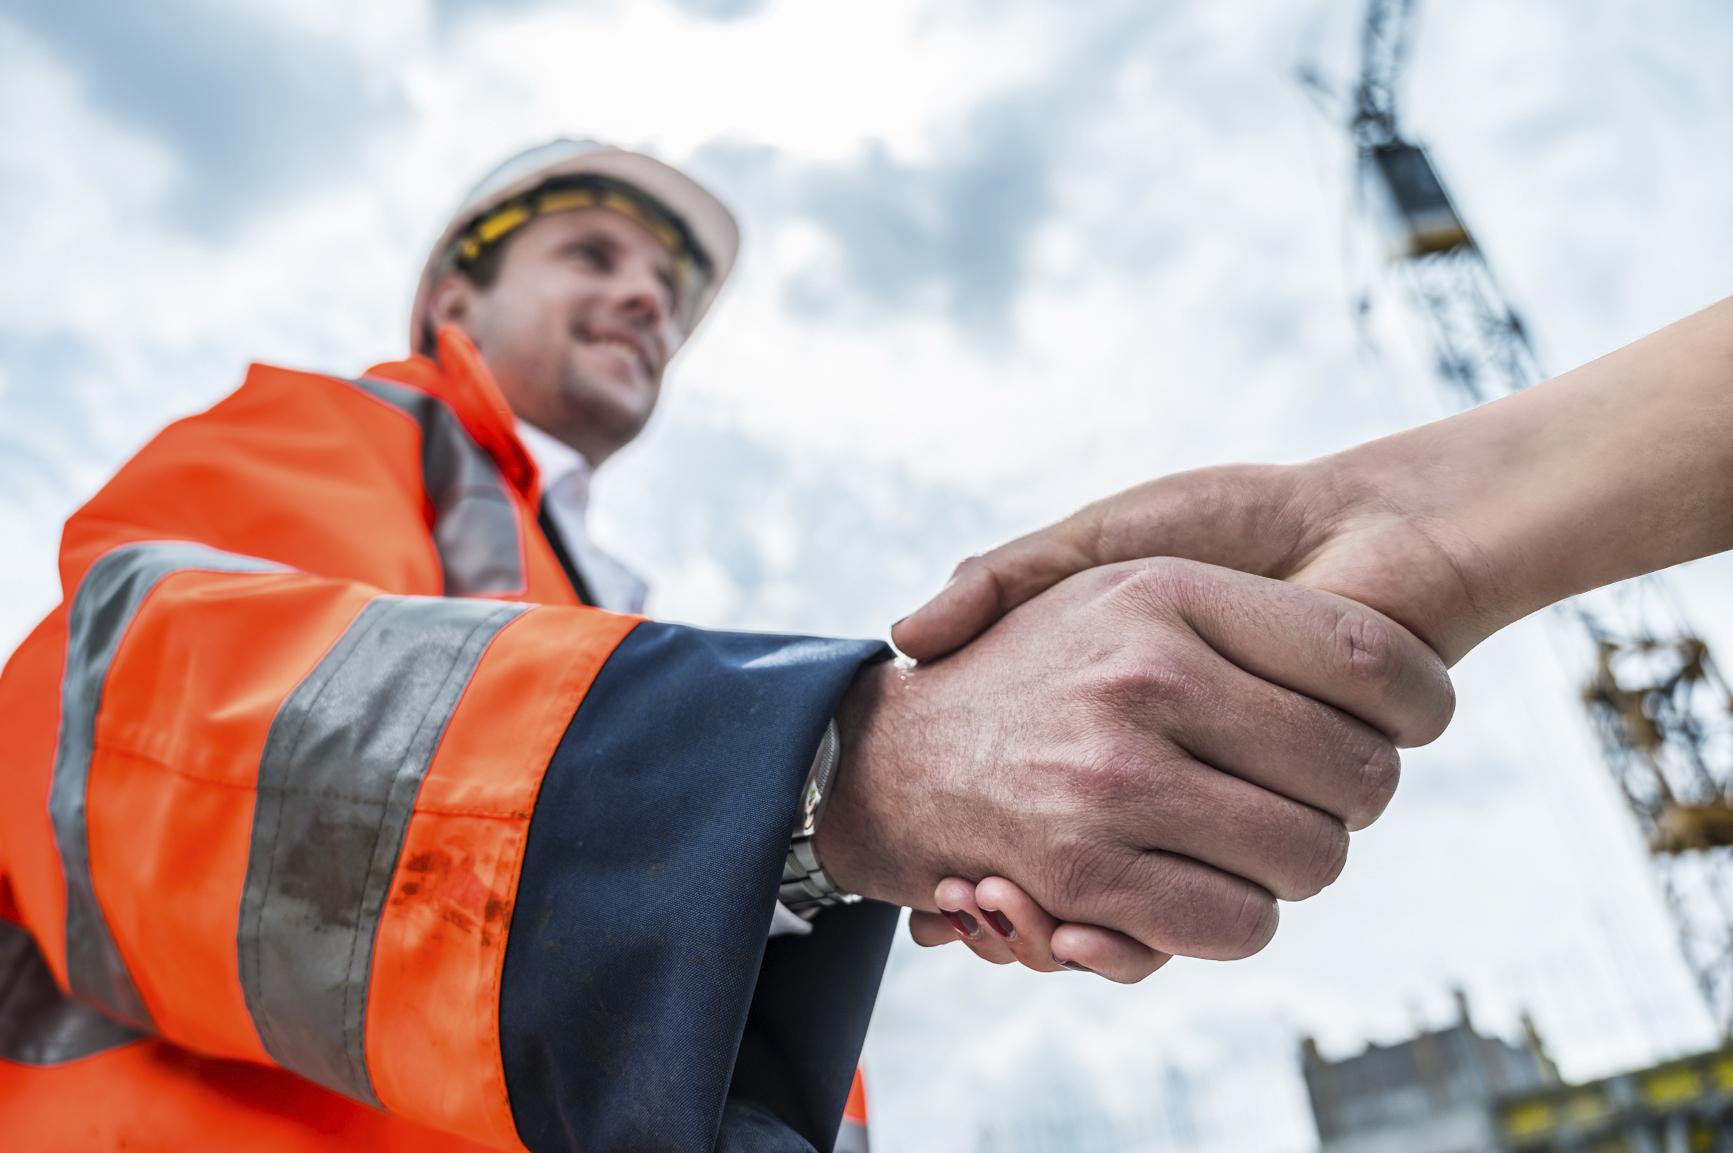 Podané ruky vyjadrujúce spolupráci so spoločnosťou DELTA Group